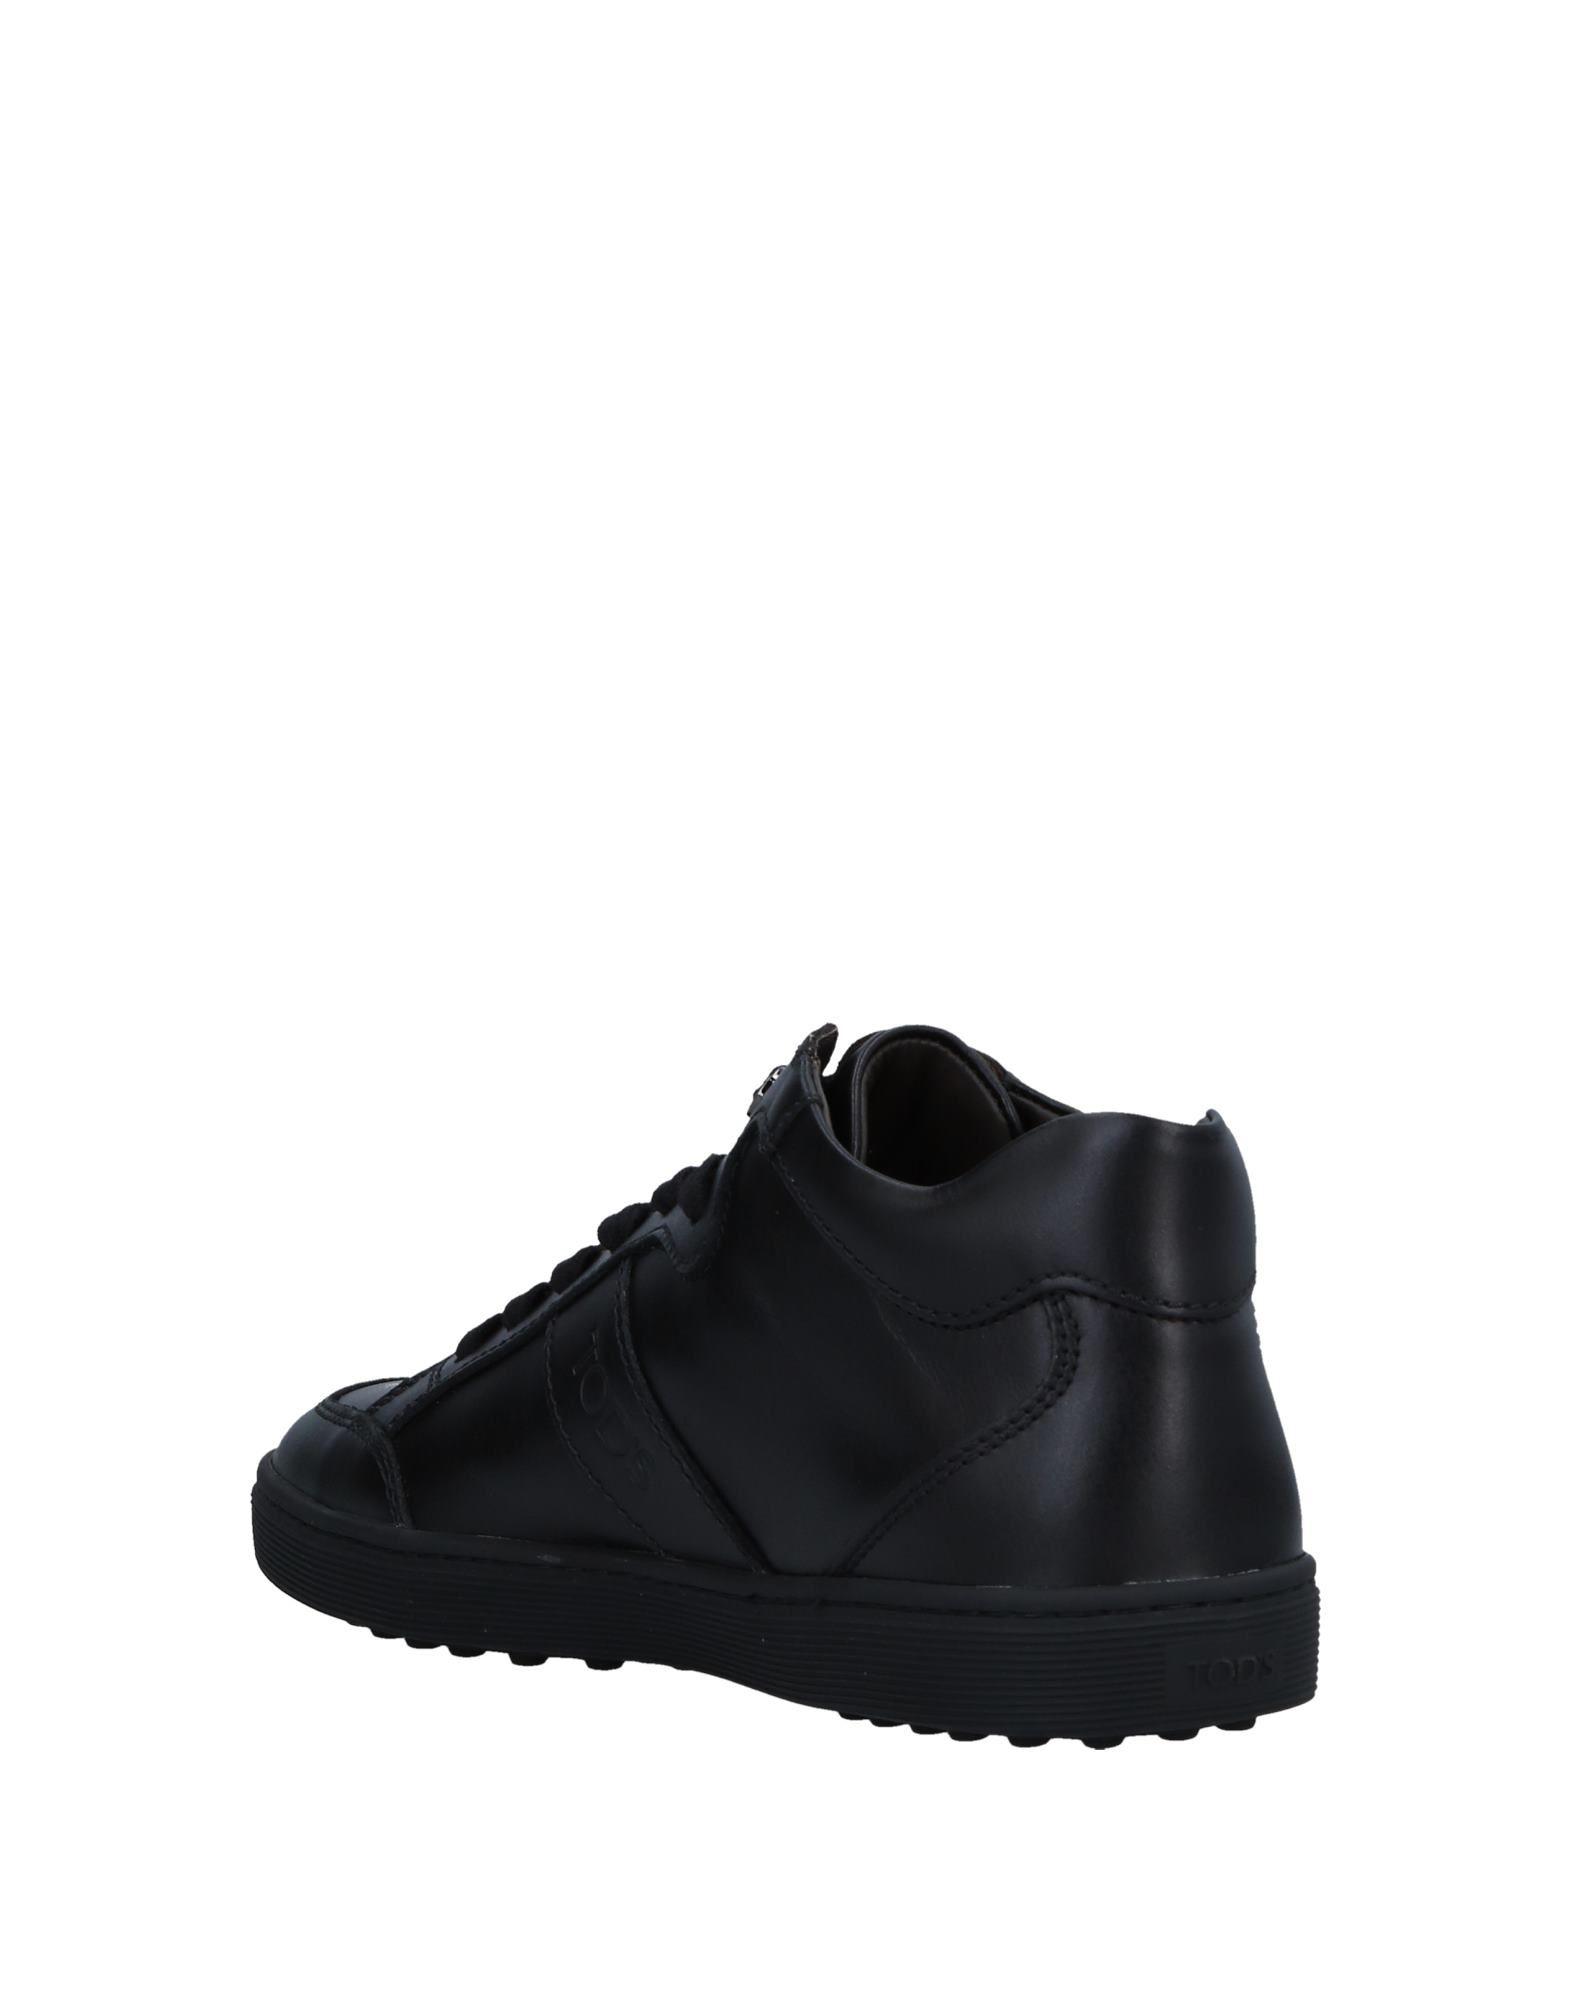 Rabatt  Schuhe Tod's Sneakers Damen  Rabatt 11542533CF 1070d5